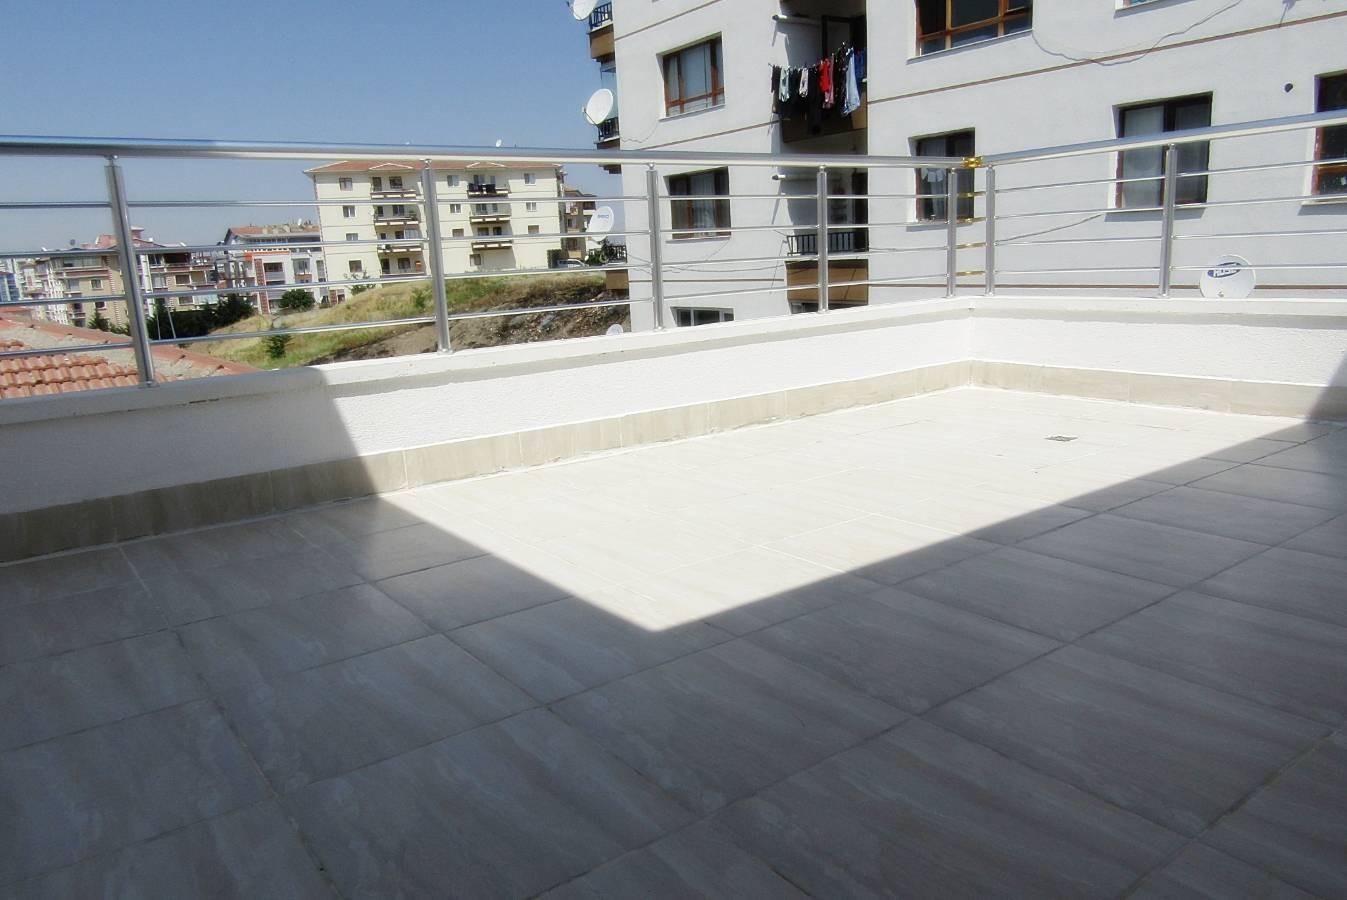 SR EMLAK'TAN SÜVARİ MAH'DE 4+1 200m² ASANSÖRLÜ YAPILI TERAS